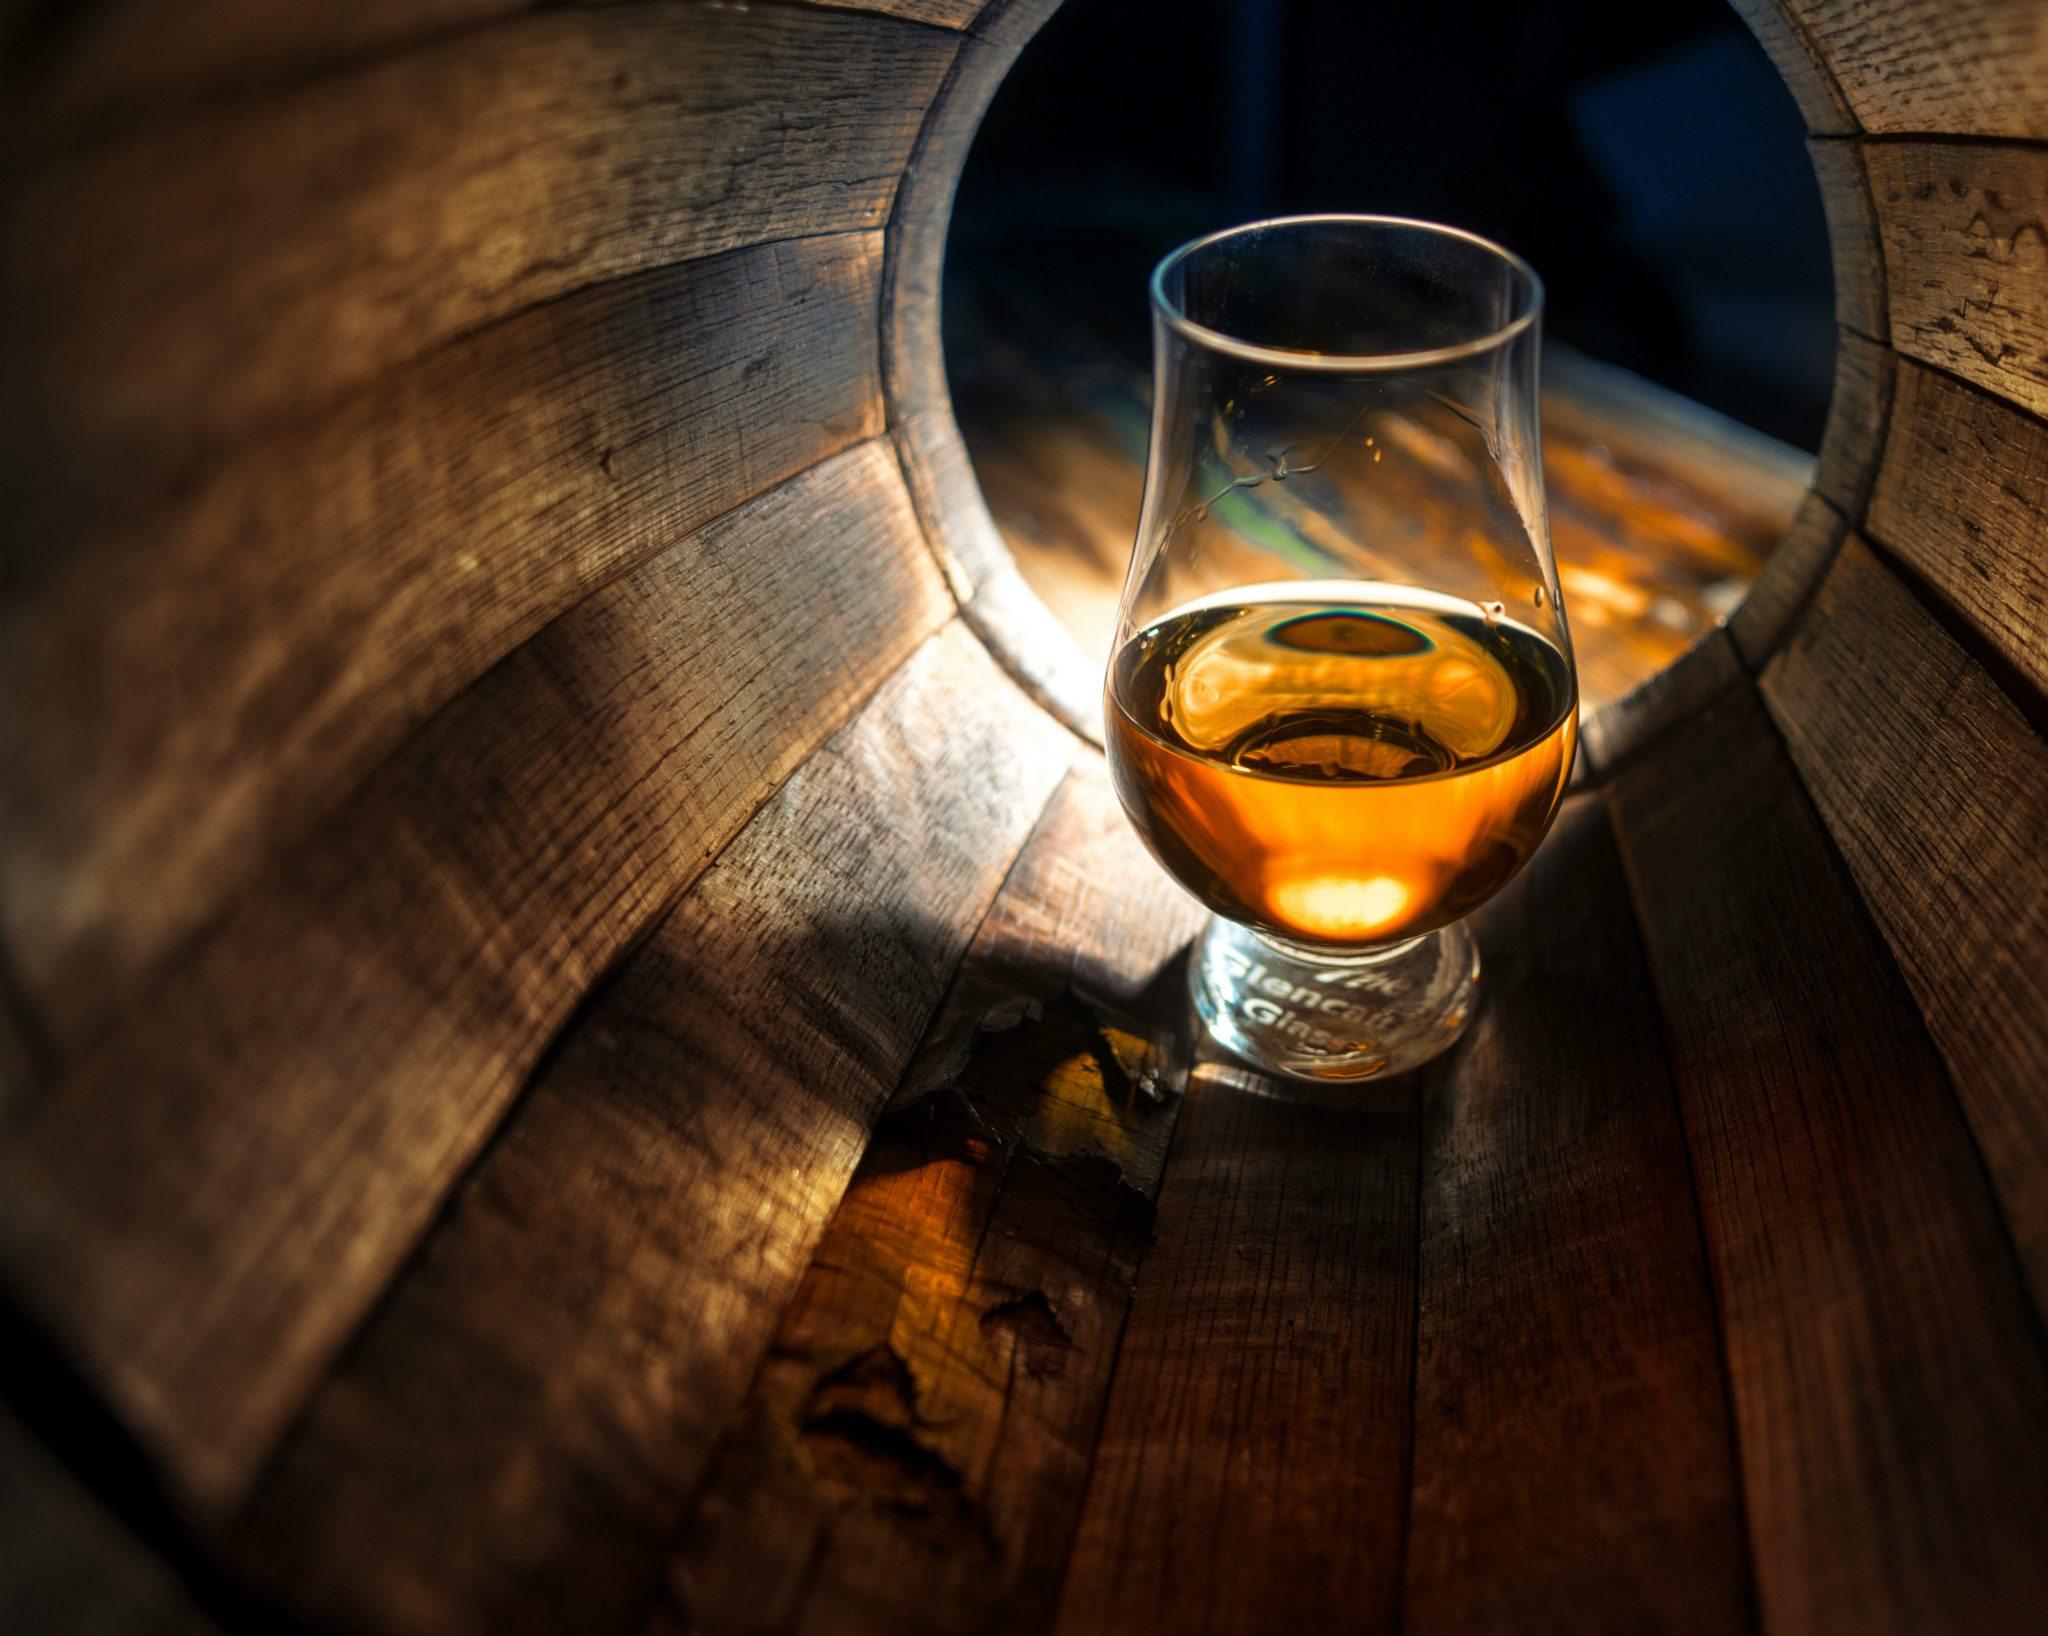 shutterstock_356984585whisky.jpg